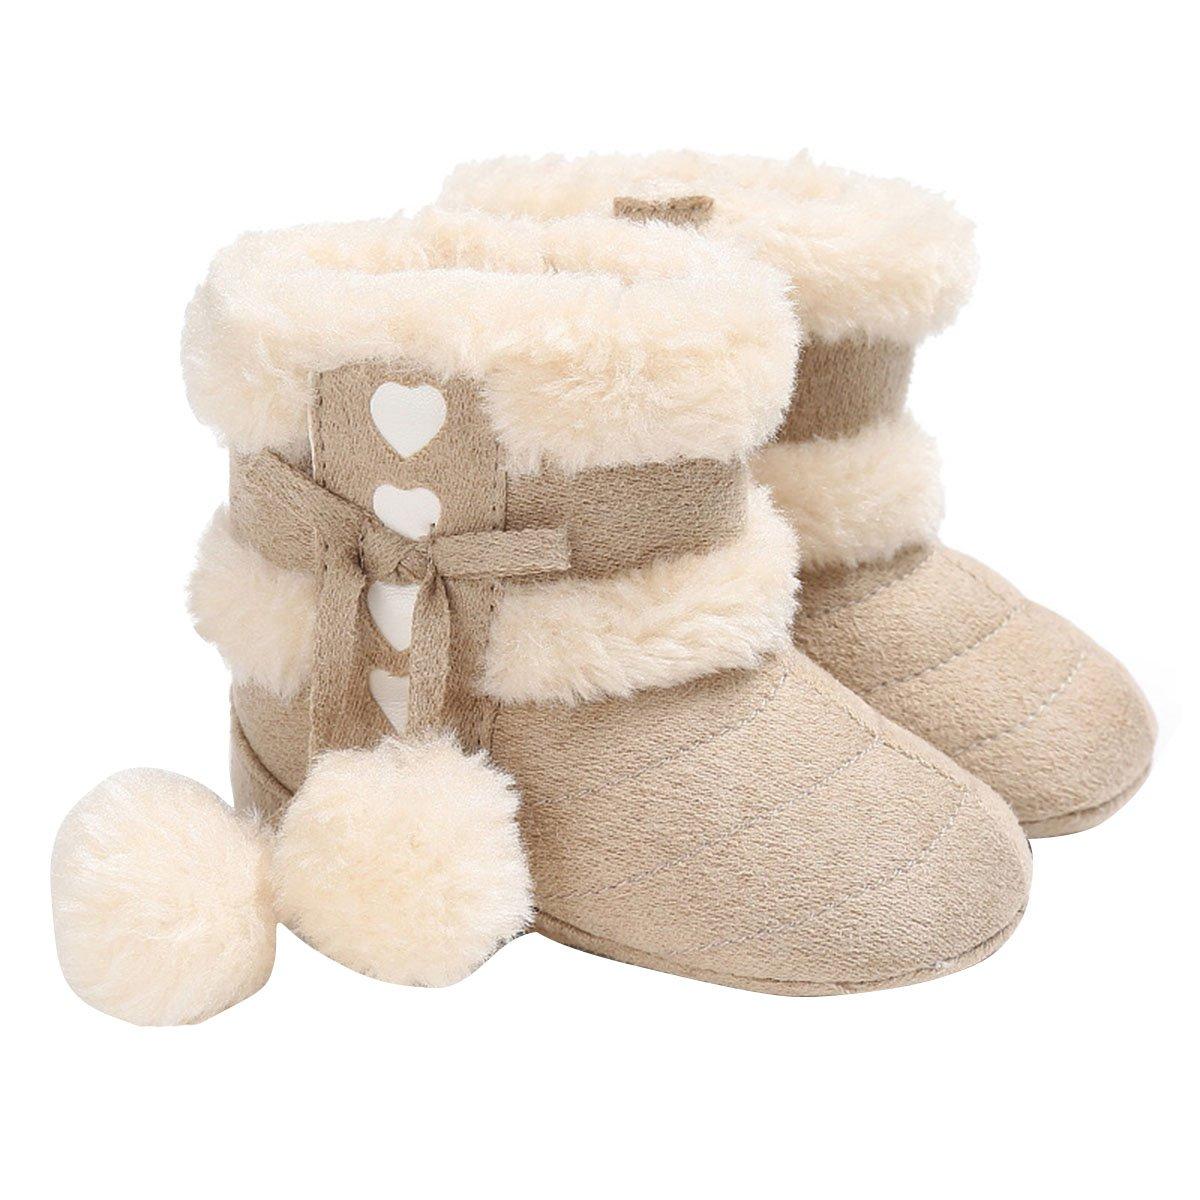 Butterme Bottes bébé, bébé d'hiver Doux et Chaud Semelle antidérapante mi-Mollet Chaussures de crèche avec Fourrure PARÉ Pom Pom bébé Prewalker Enfant en Bas âge Bottes de Neige pour 0-18